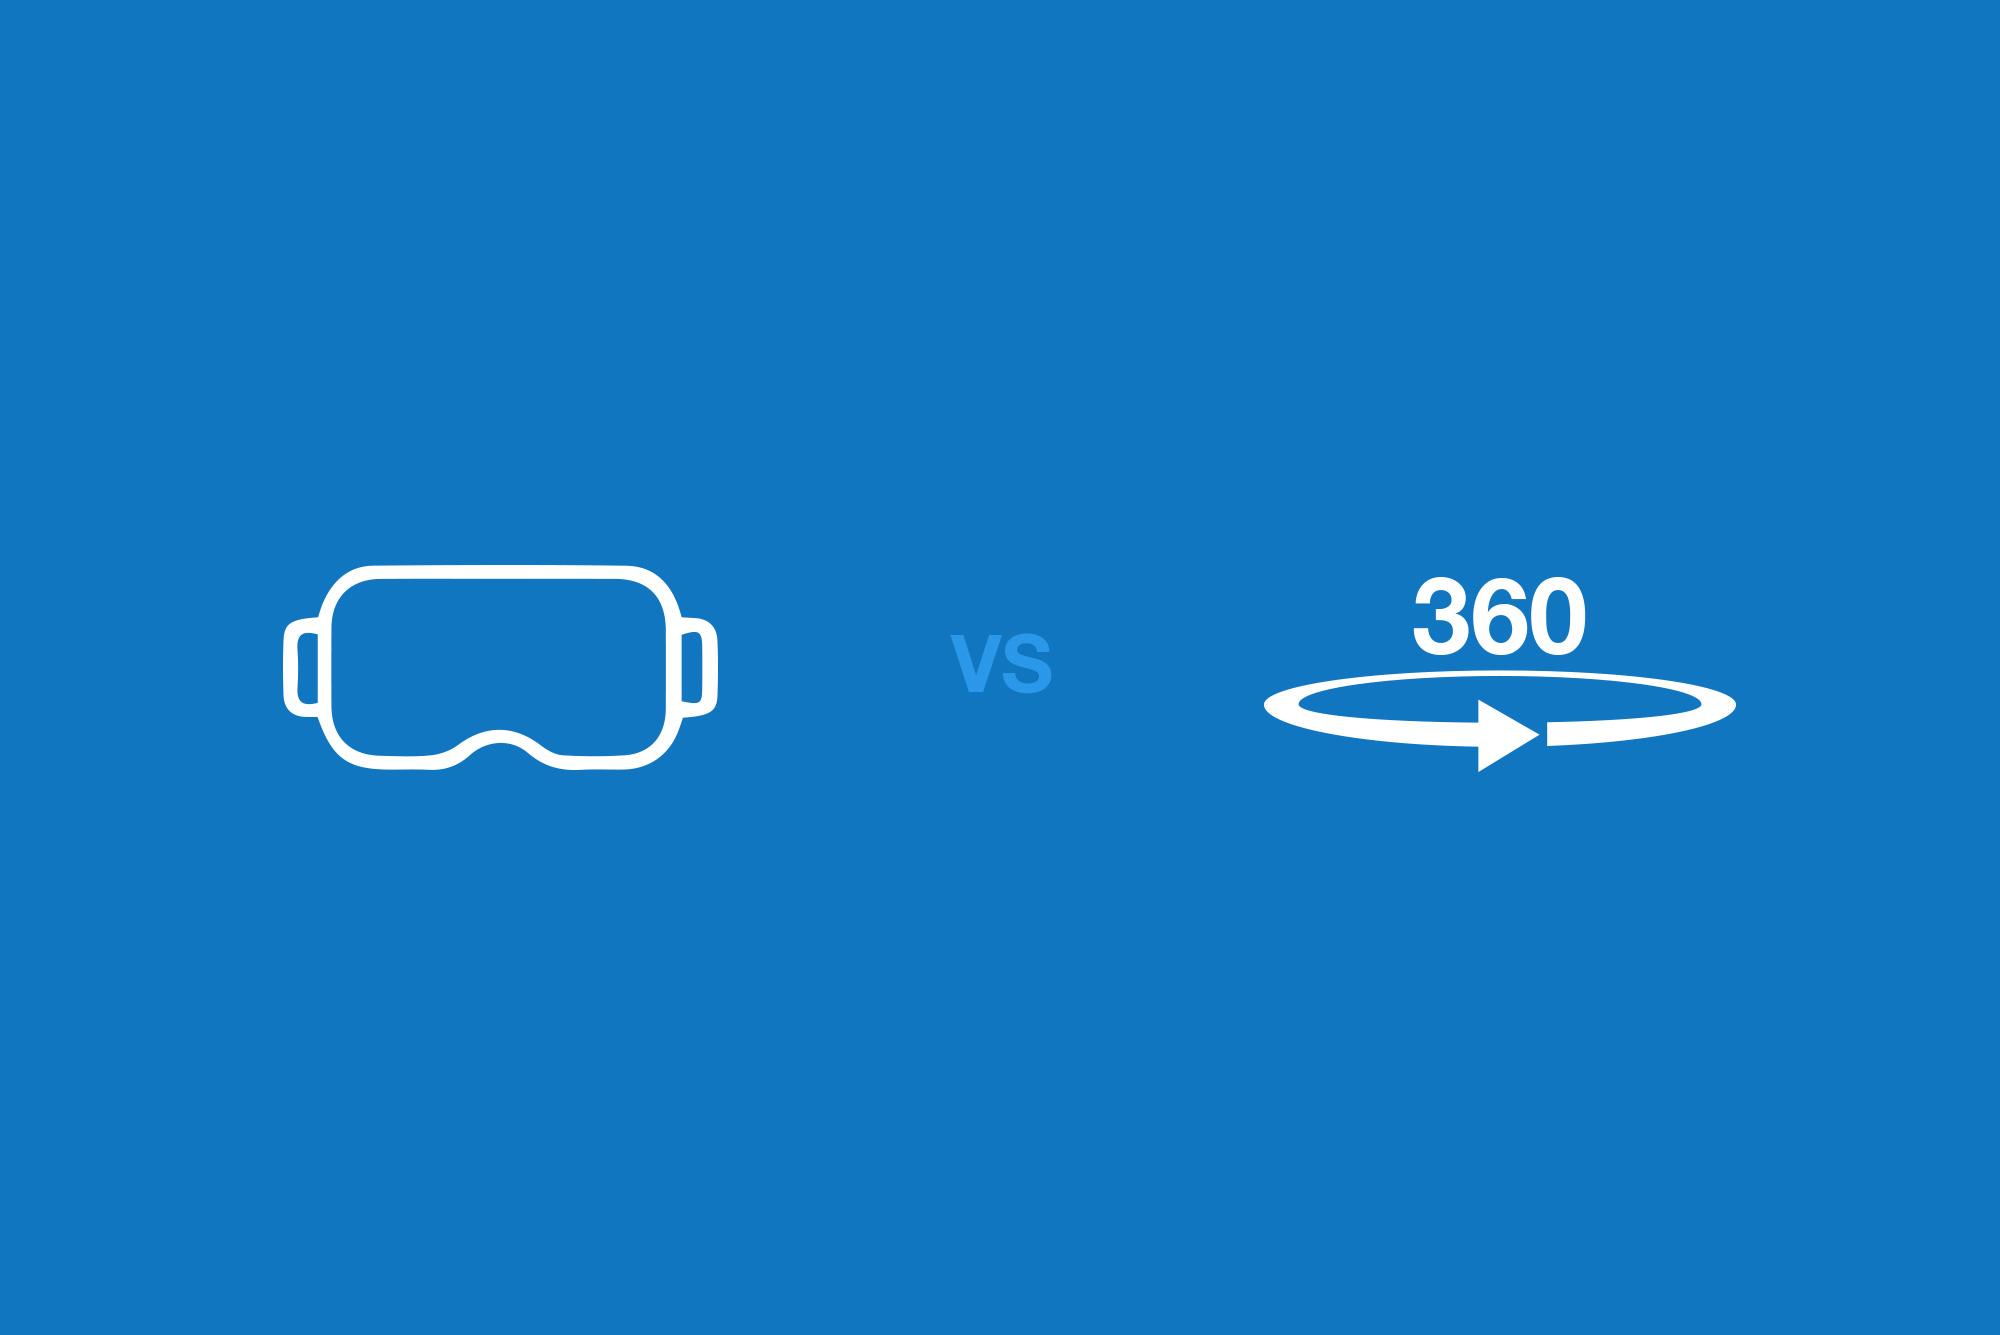 VR headset logo in white vs 360 video logo in white on blue background